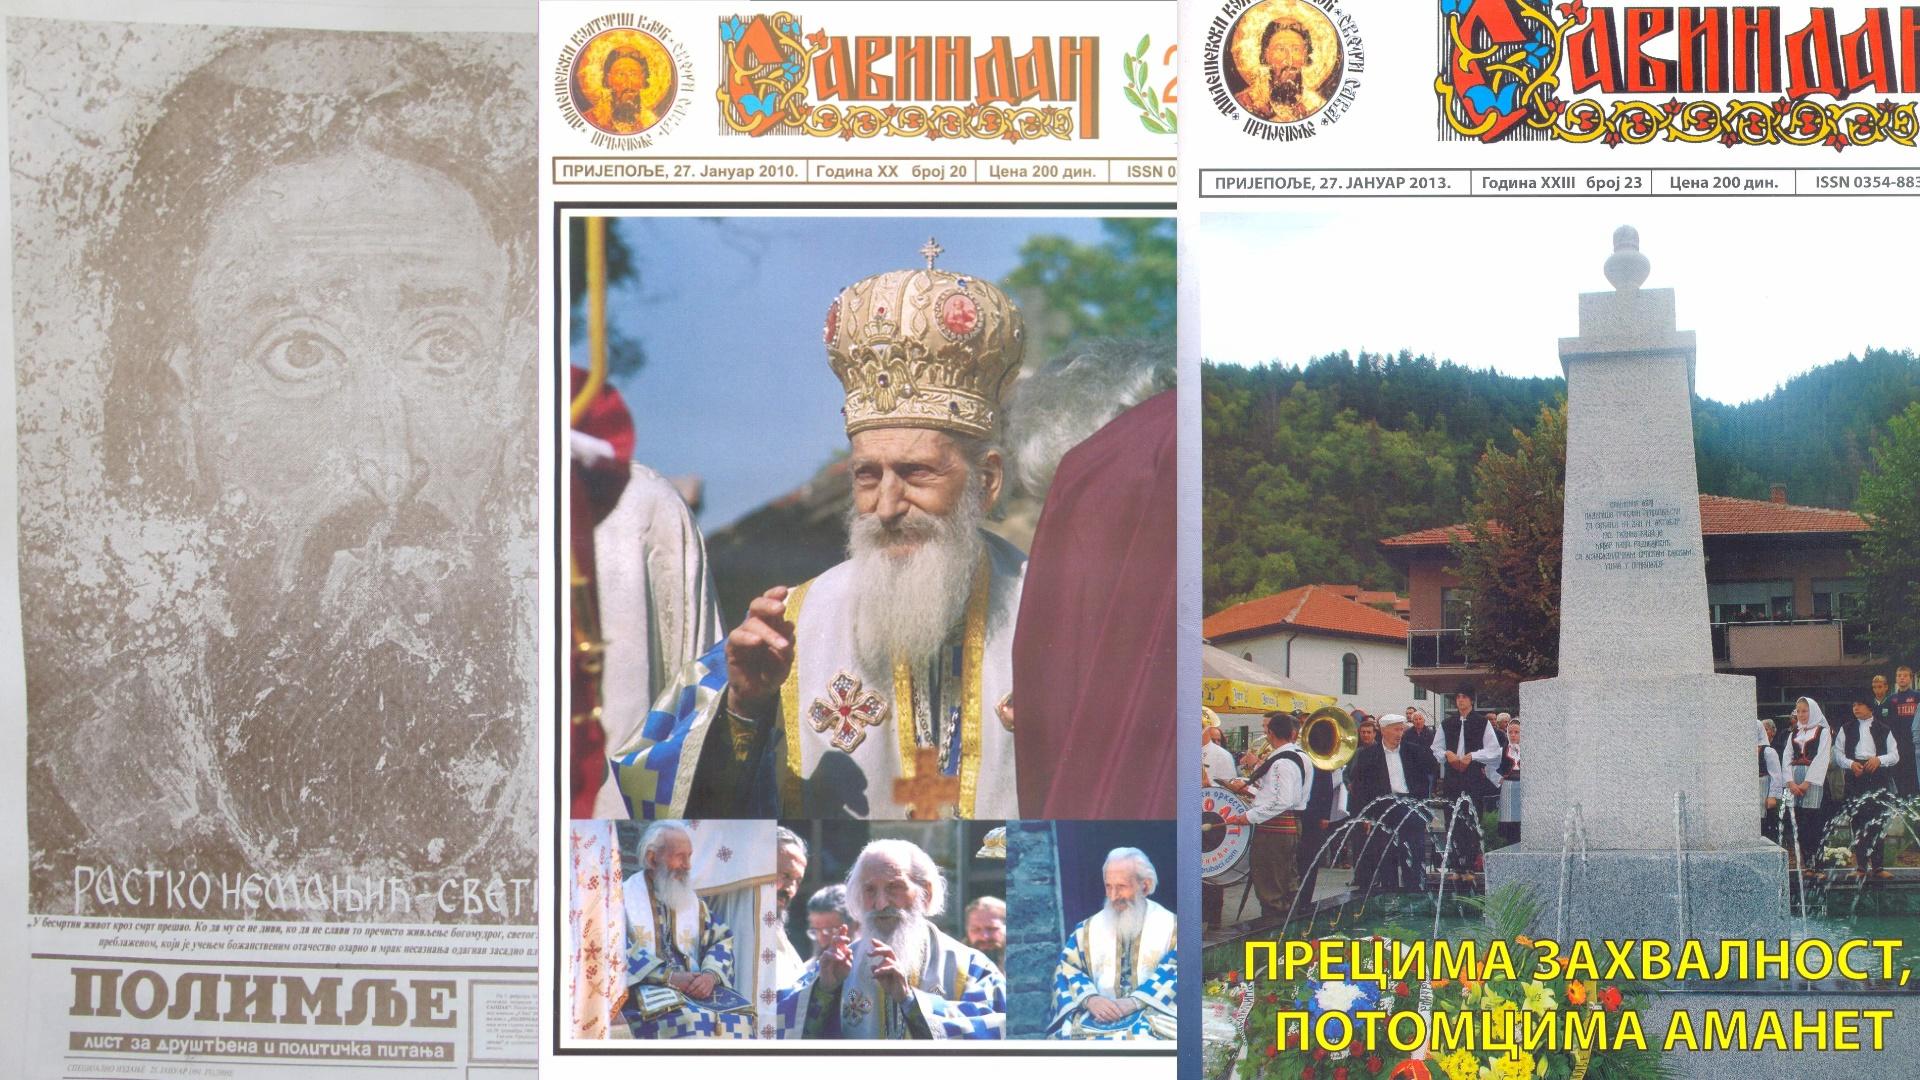 """""""Савиндан"""" је светионик културе и духовности – часопис који се чува и изнова чита"""